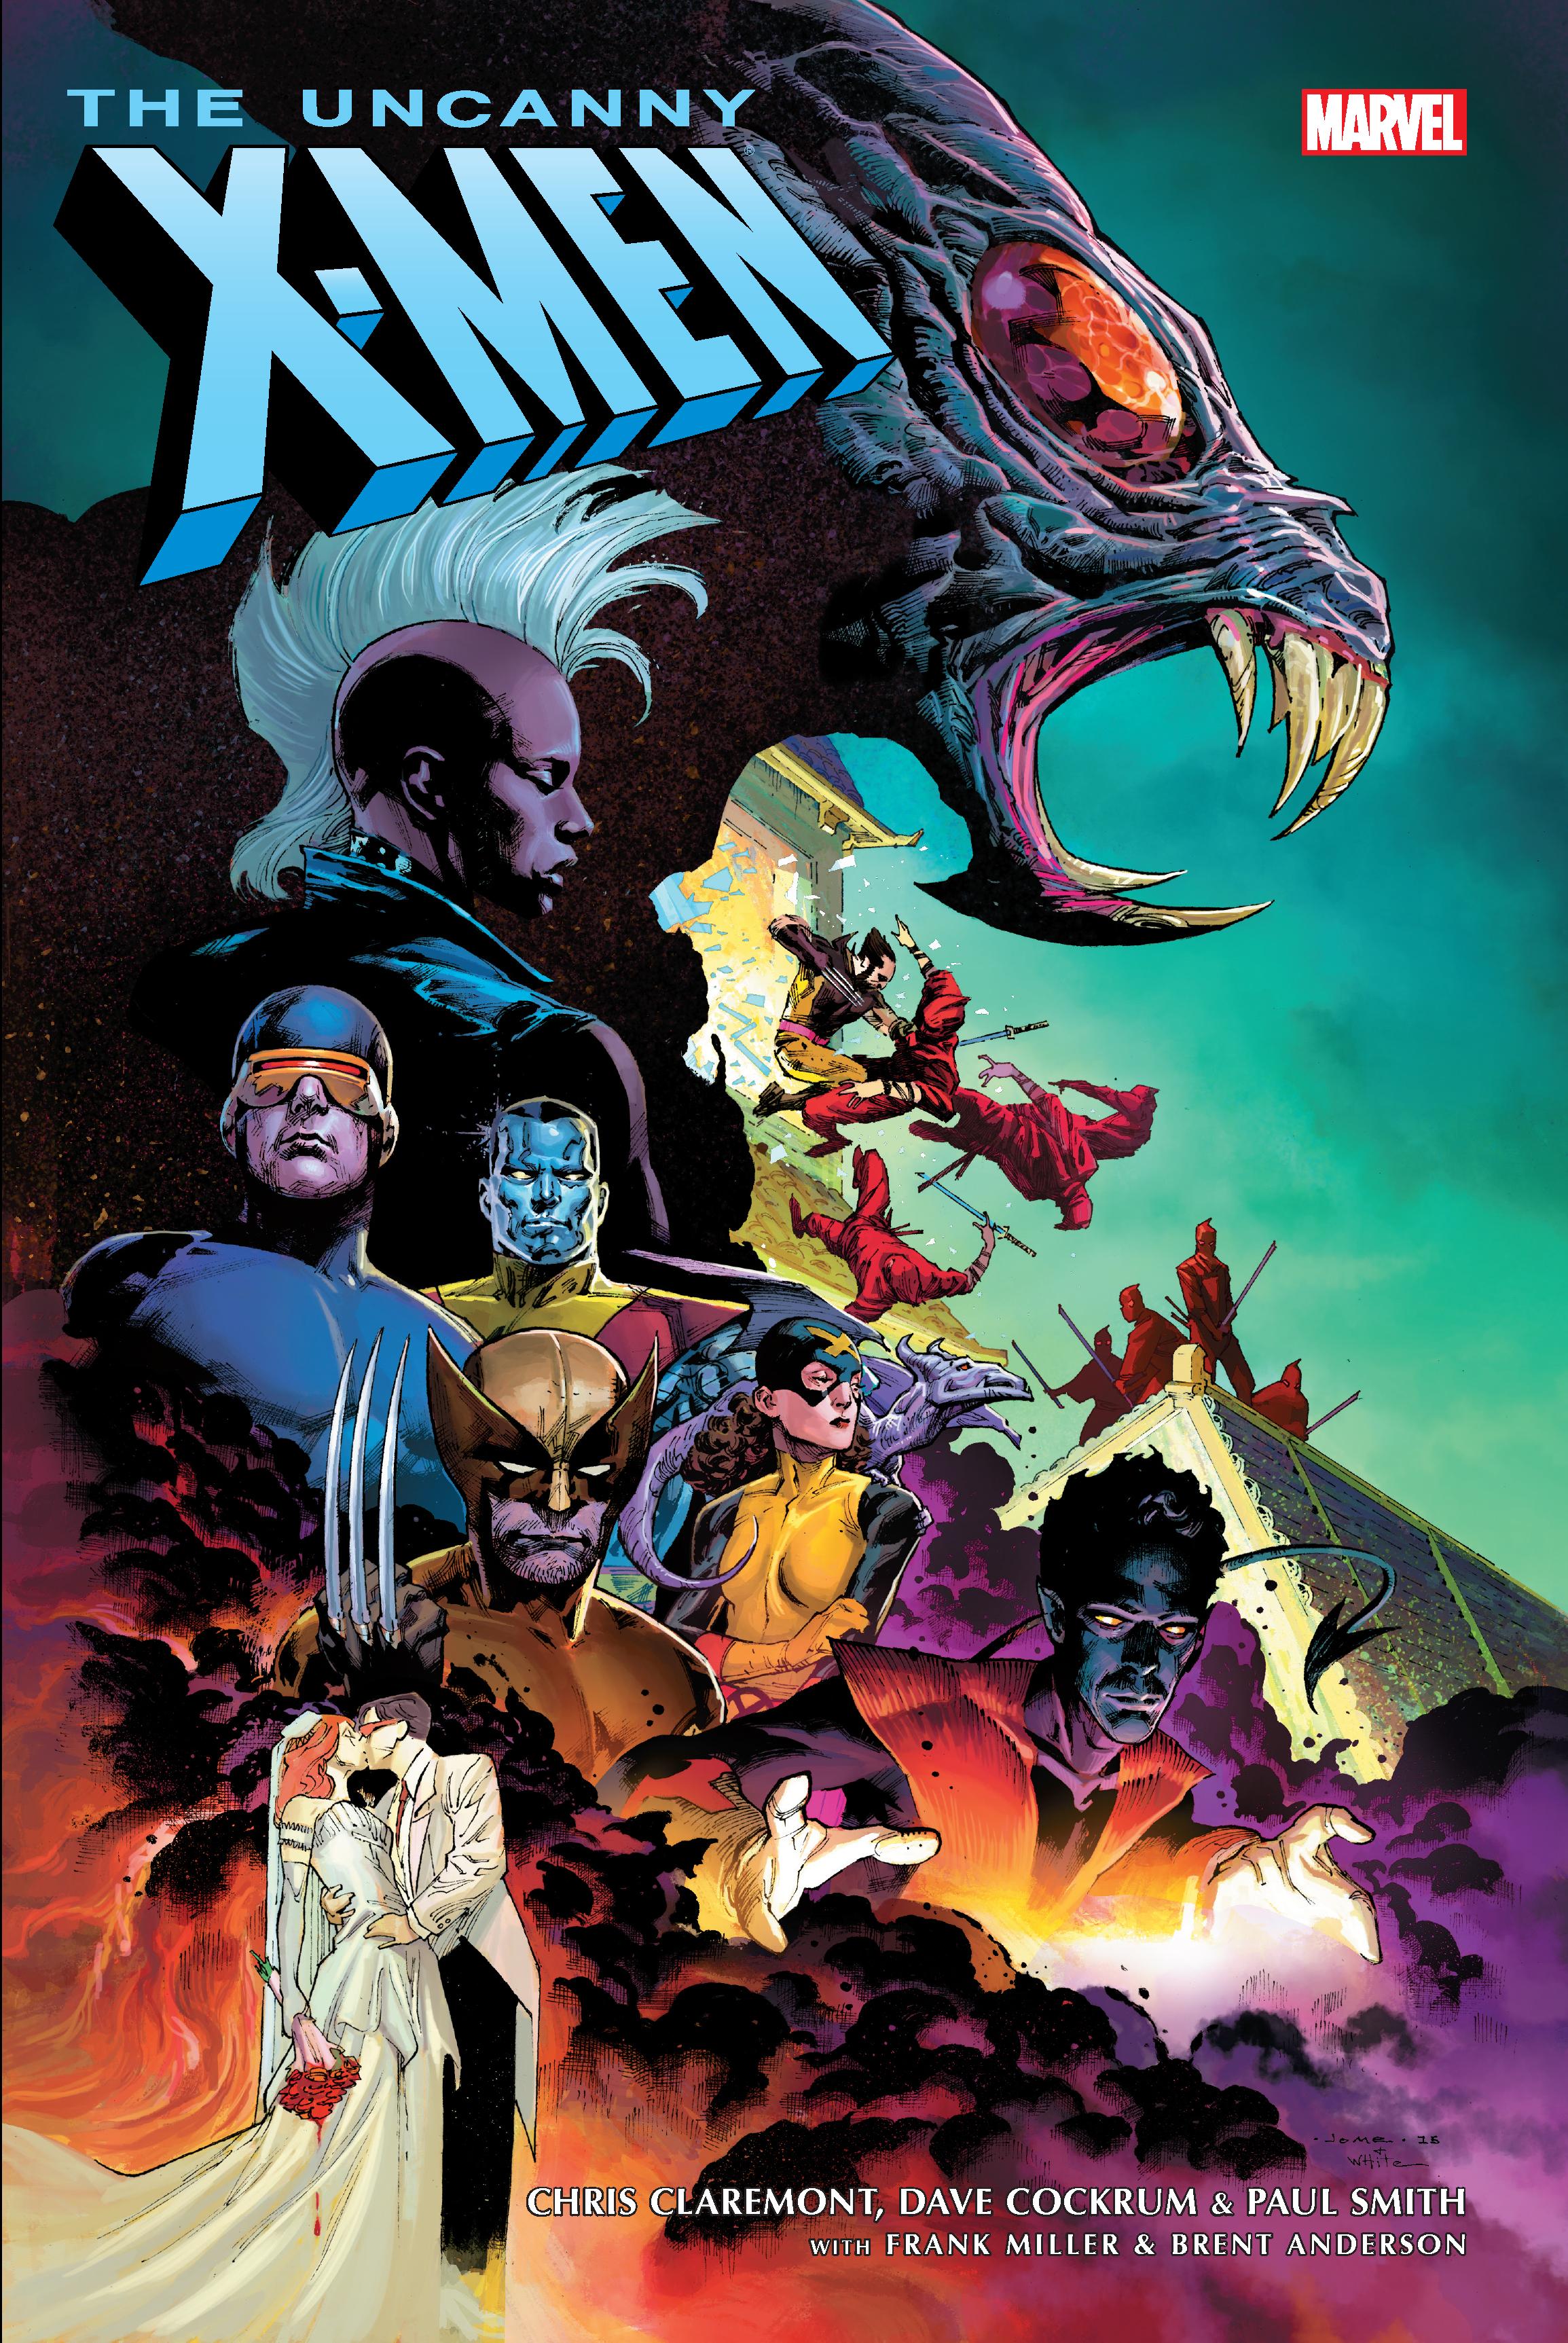 The Uncanny X-Men Omnibus Vol. 3 (Hardcover)